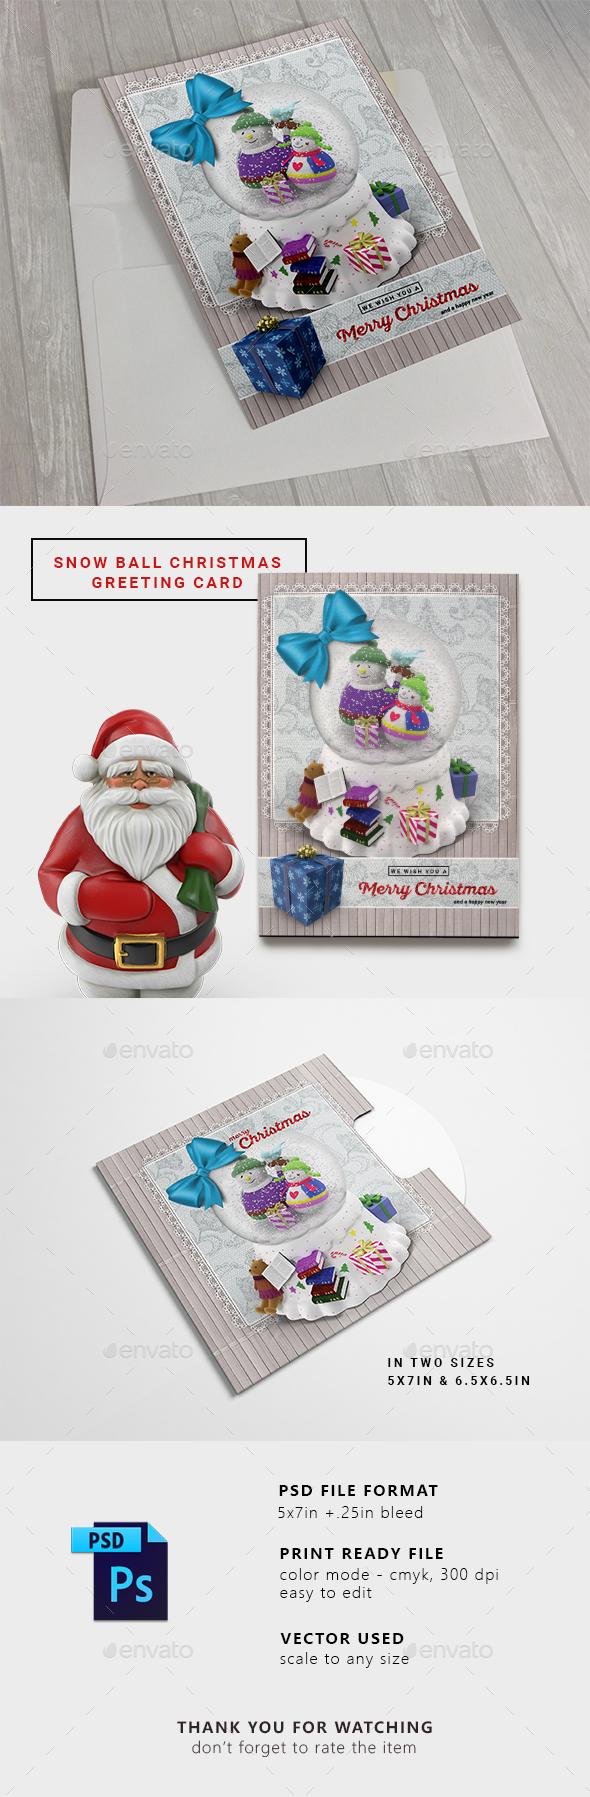 Snow Ball Christmas Greeting Card